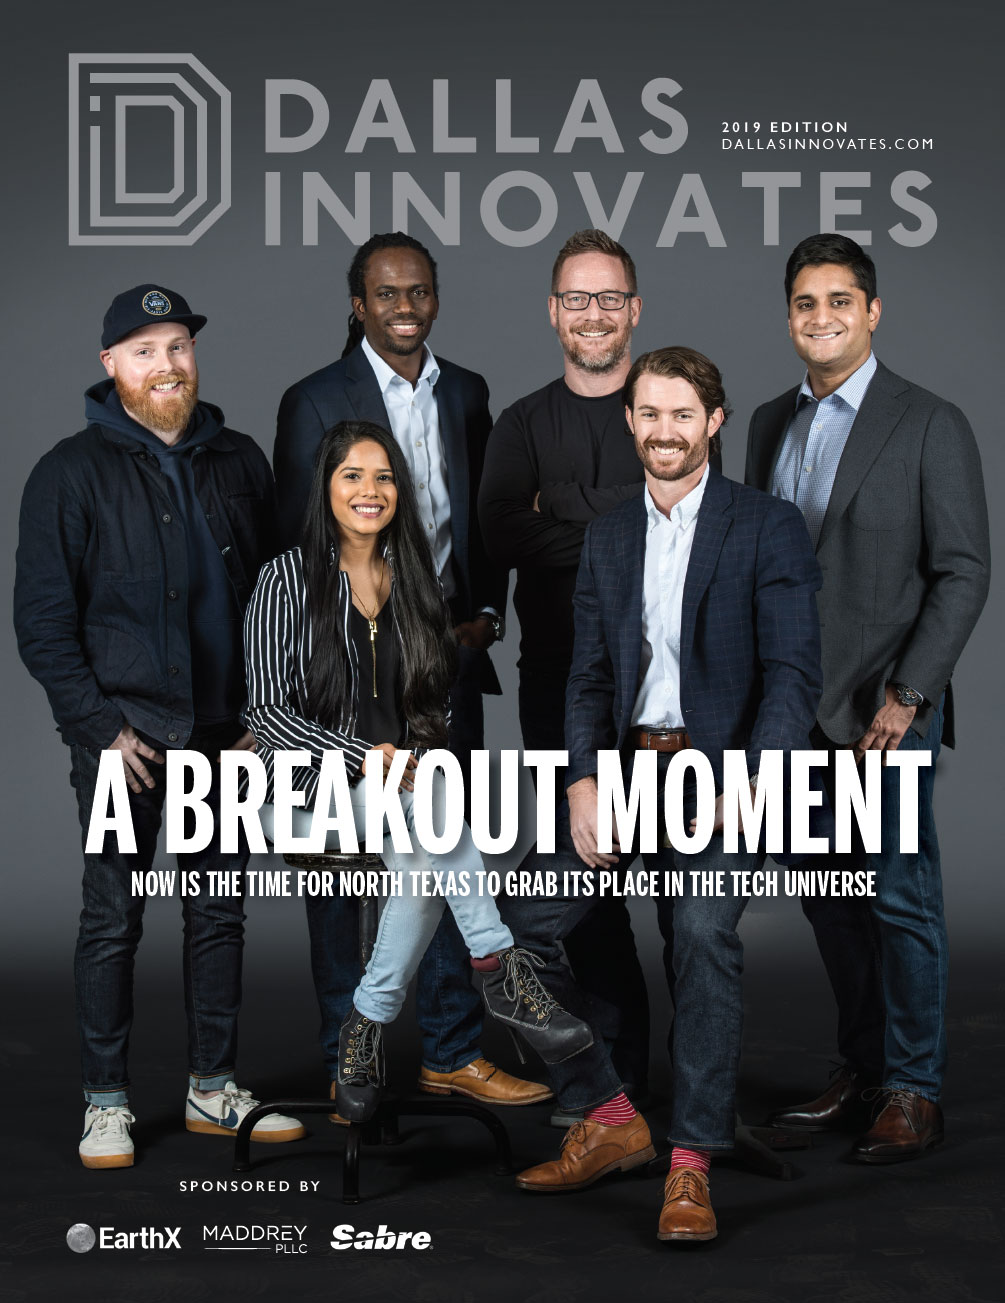 Dallas Innovates